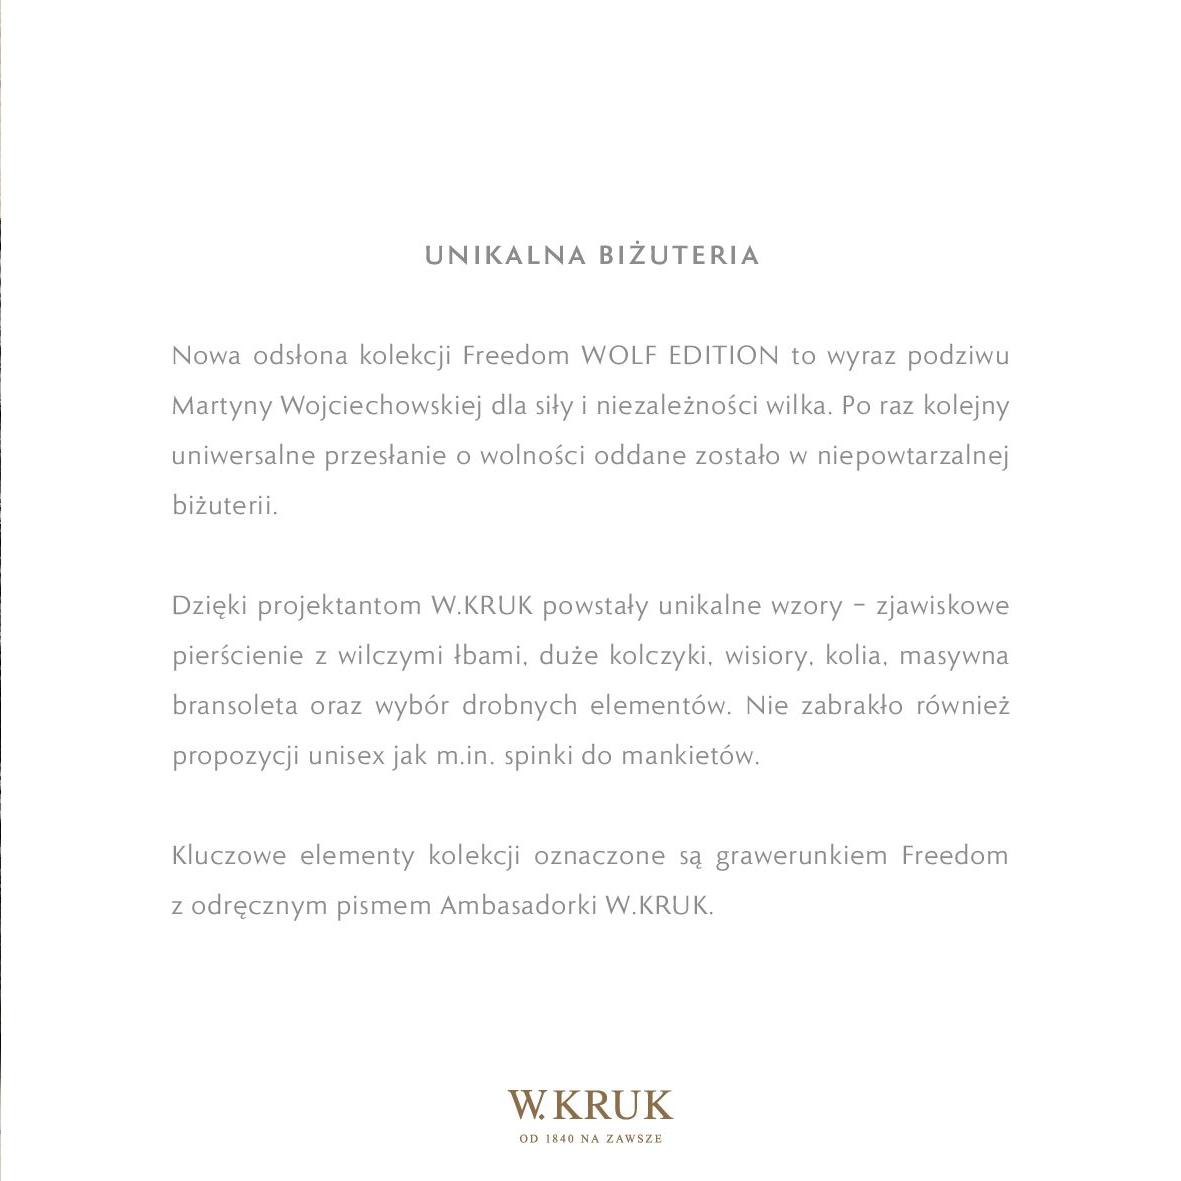 Gazetka W. KRUK: Katalog - Freedom Wolf 2021-02-17 page-39